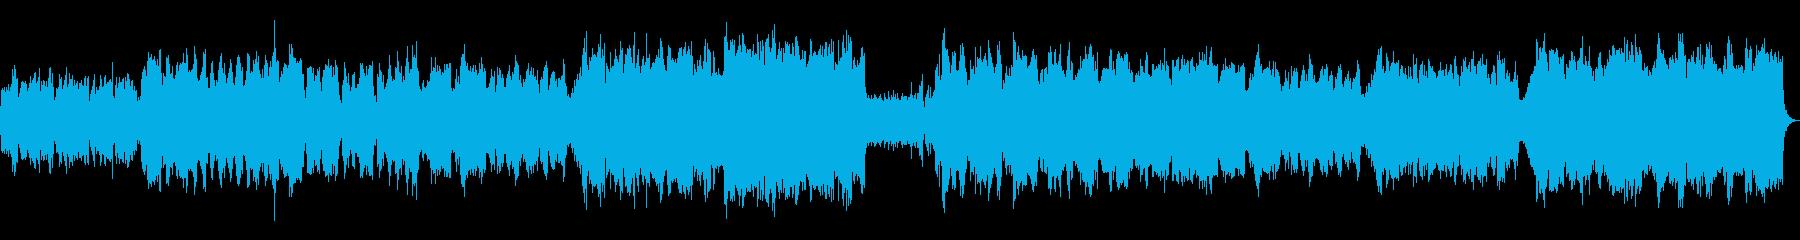 フルートとストリングスの明るい曲の再生済みの波形